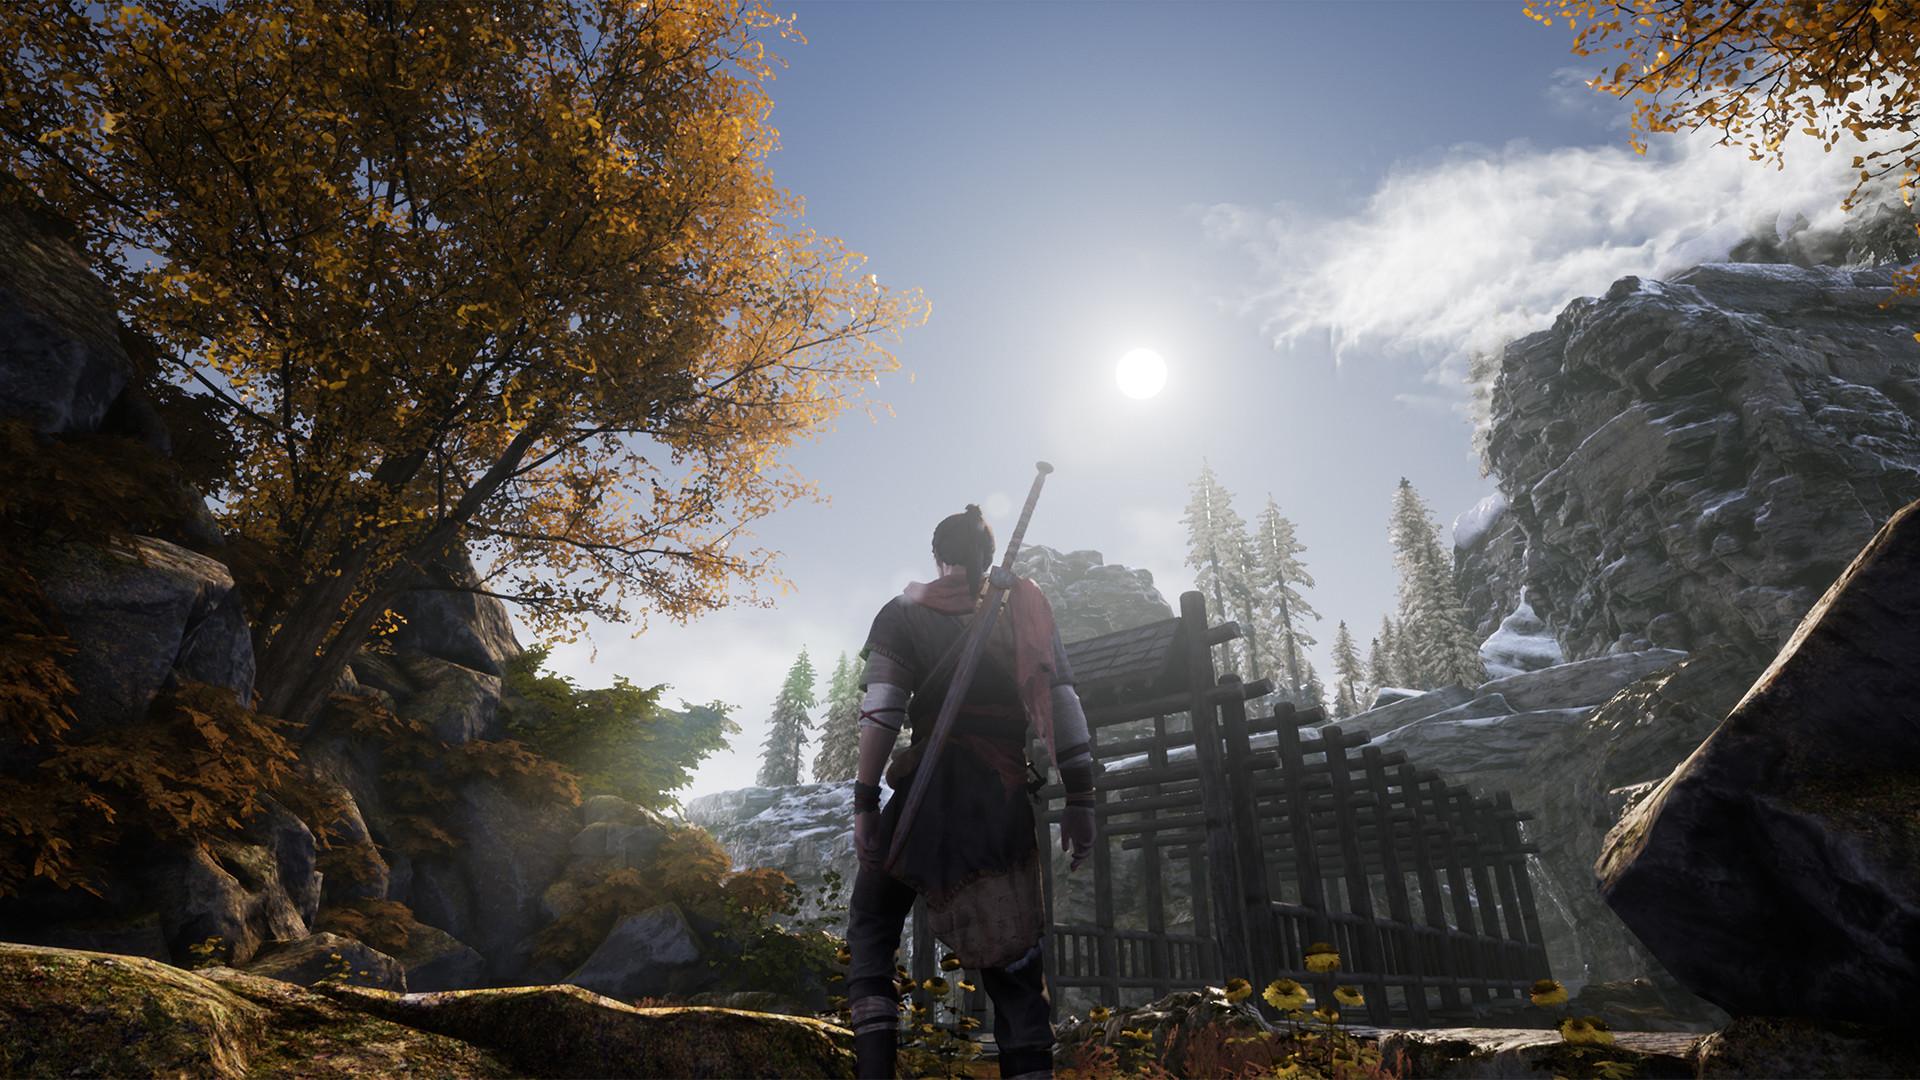 轩辕剑之父:会认真提升游戏体验 希望玩家支持正版